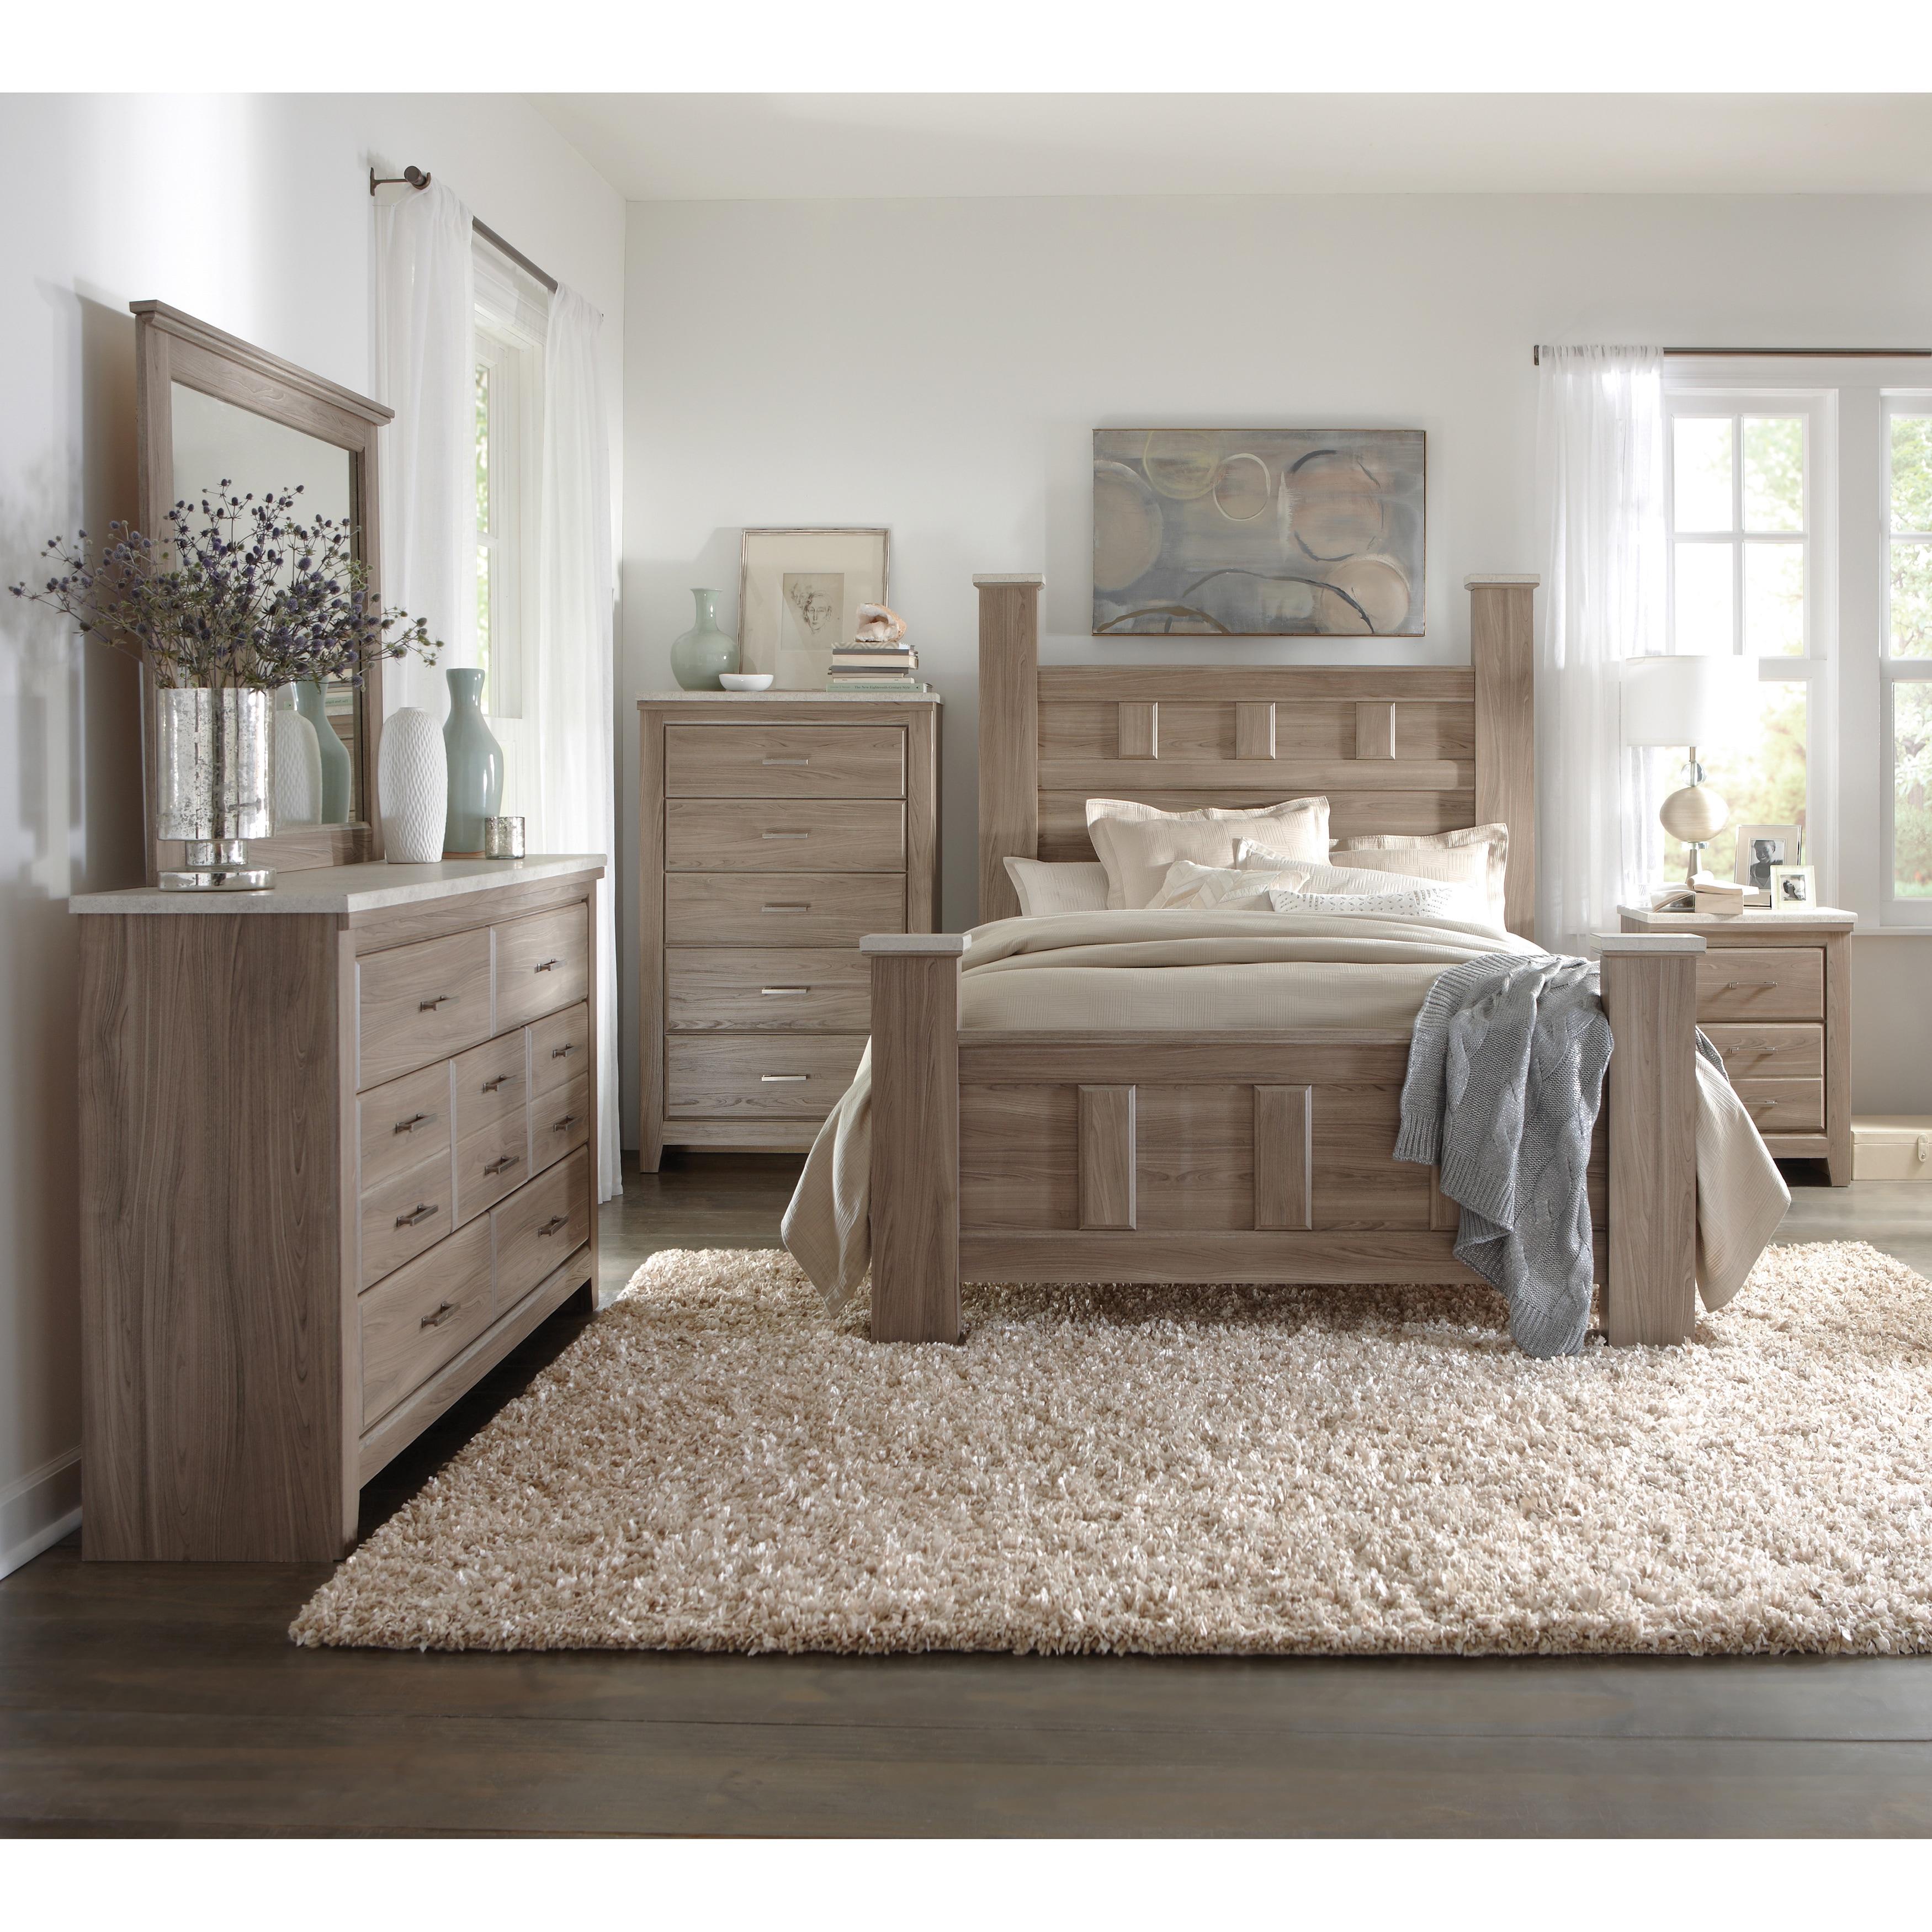 Shop Art Van 6 Piece King Bedroom Set Overstock 9948834